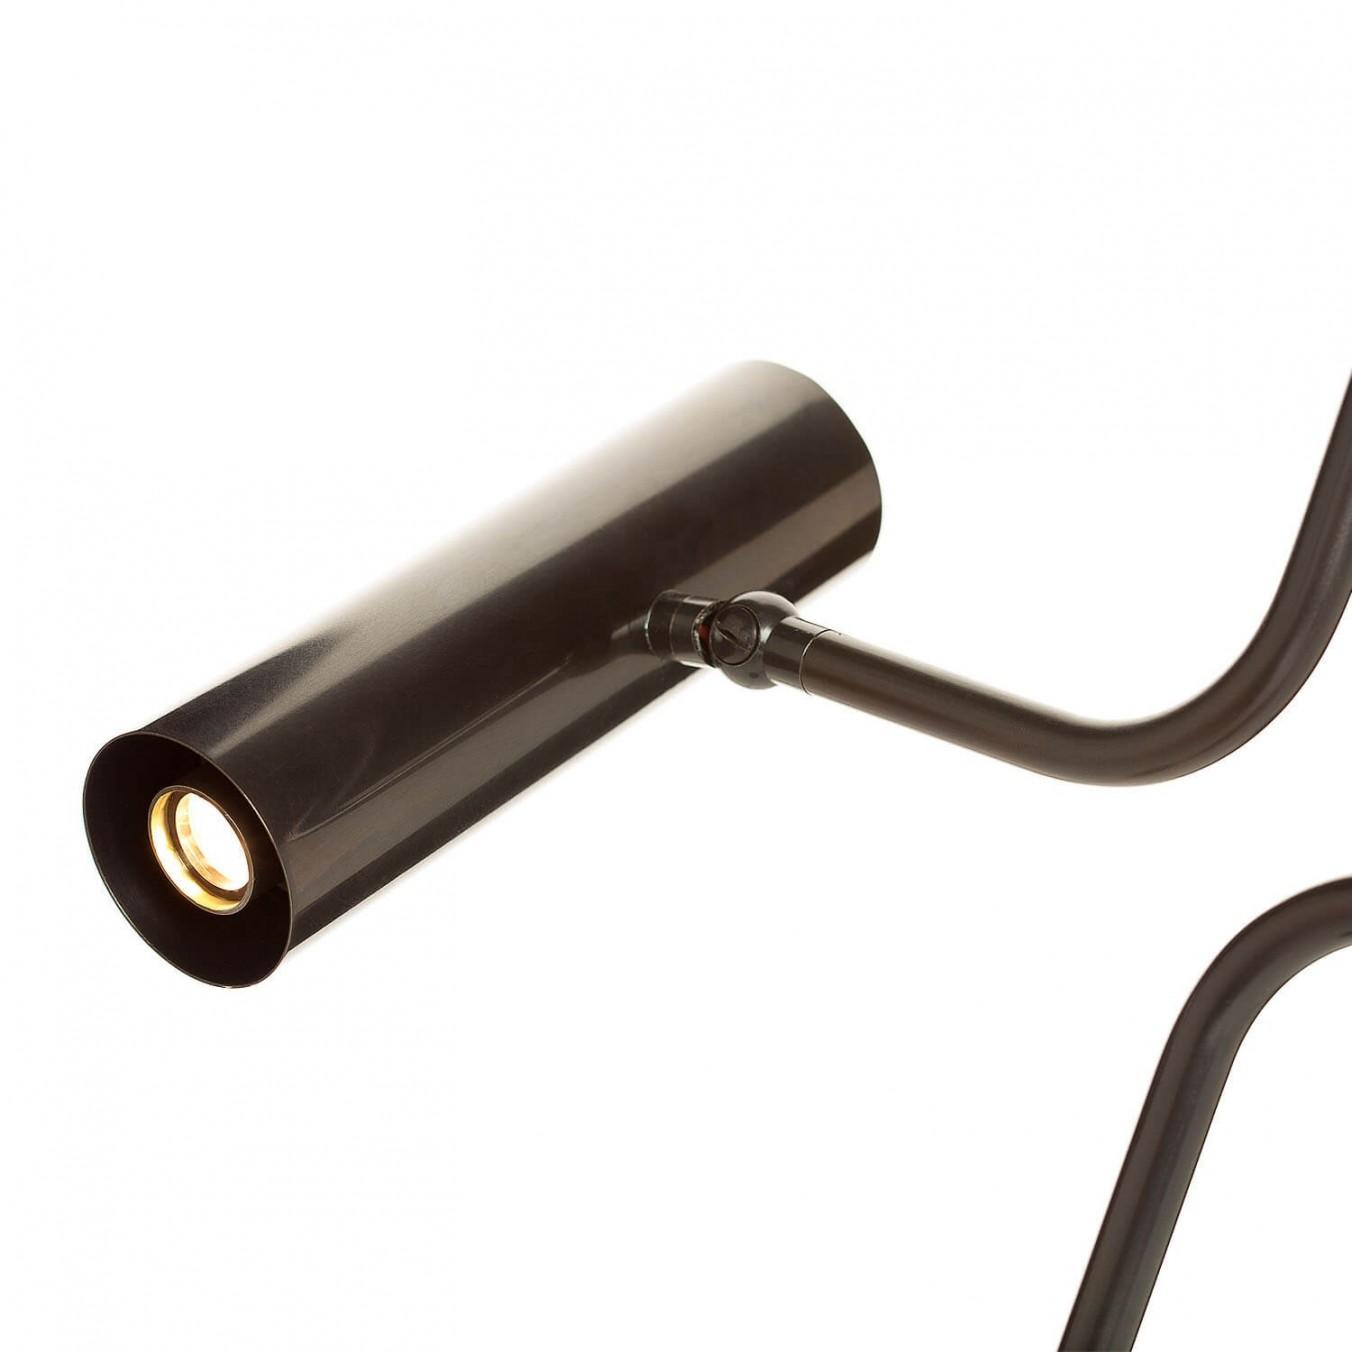 PIVOT LED DESK LAMP